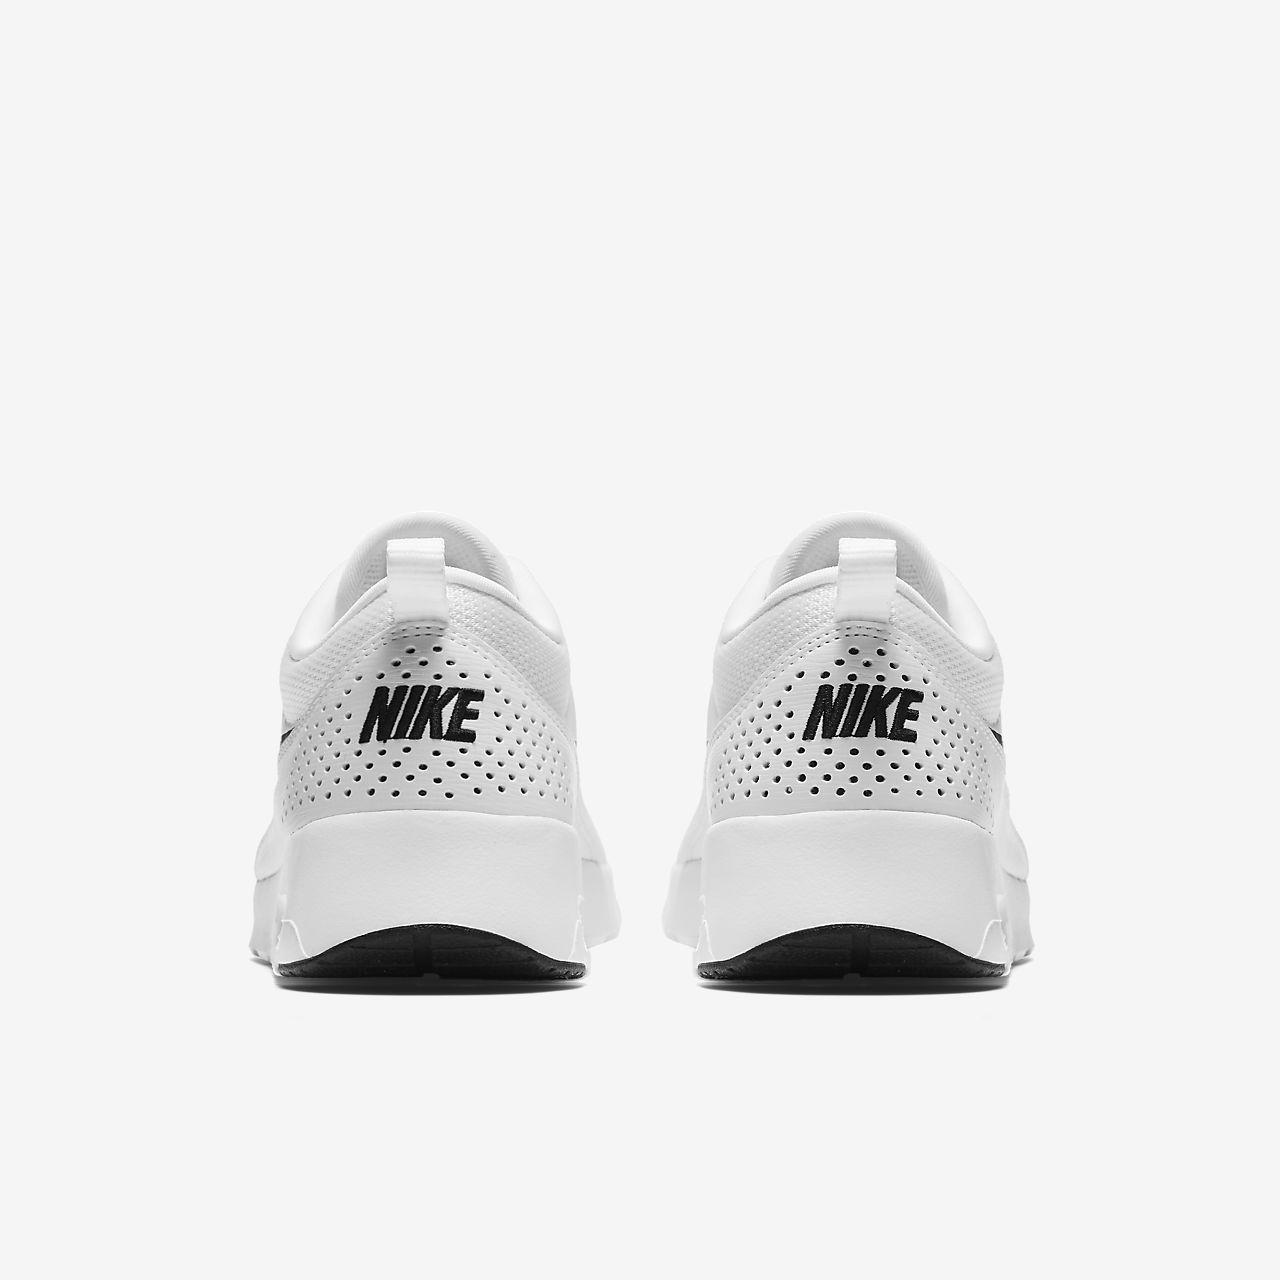 04c43b1a701ae Chaussure Nike Air Max Thea pour Femme. Nike.com CA